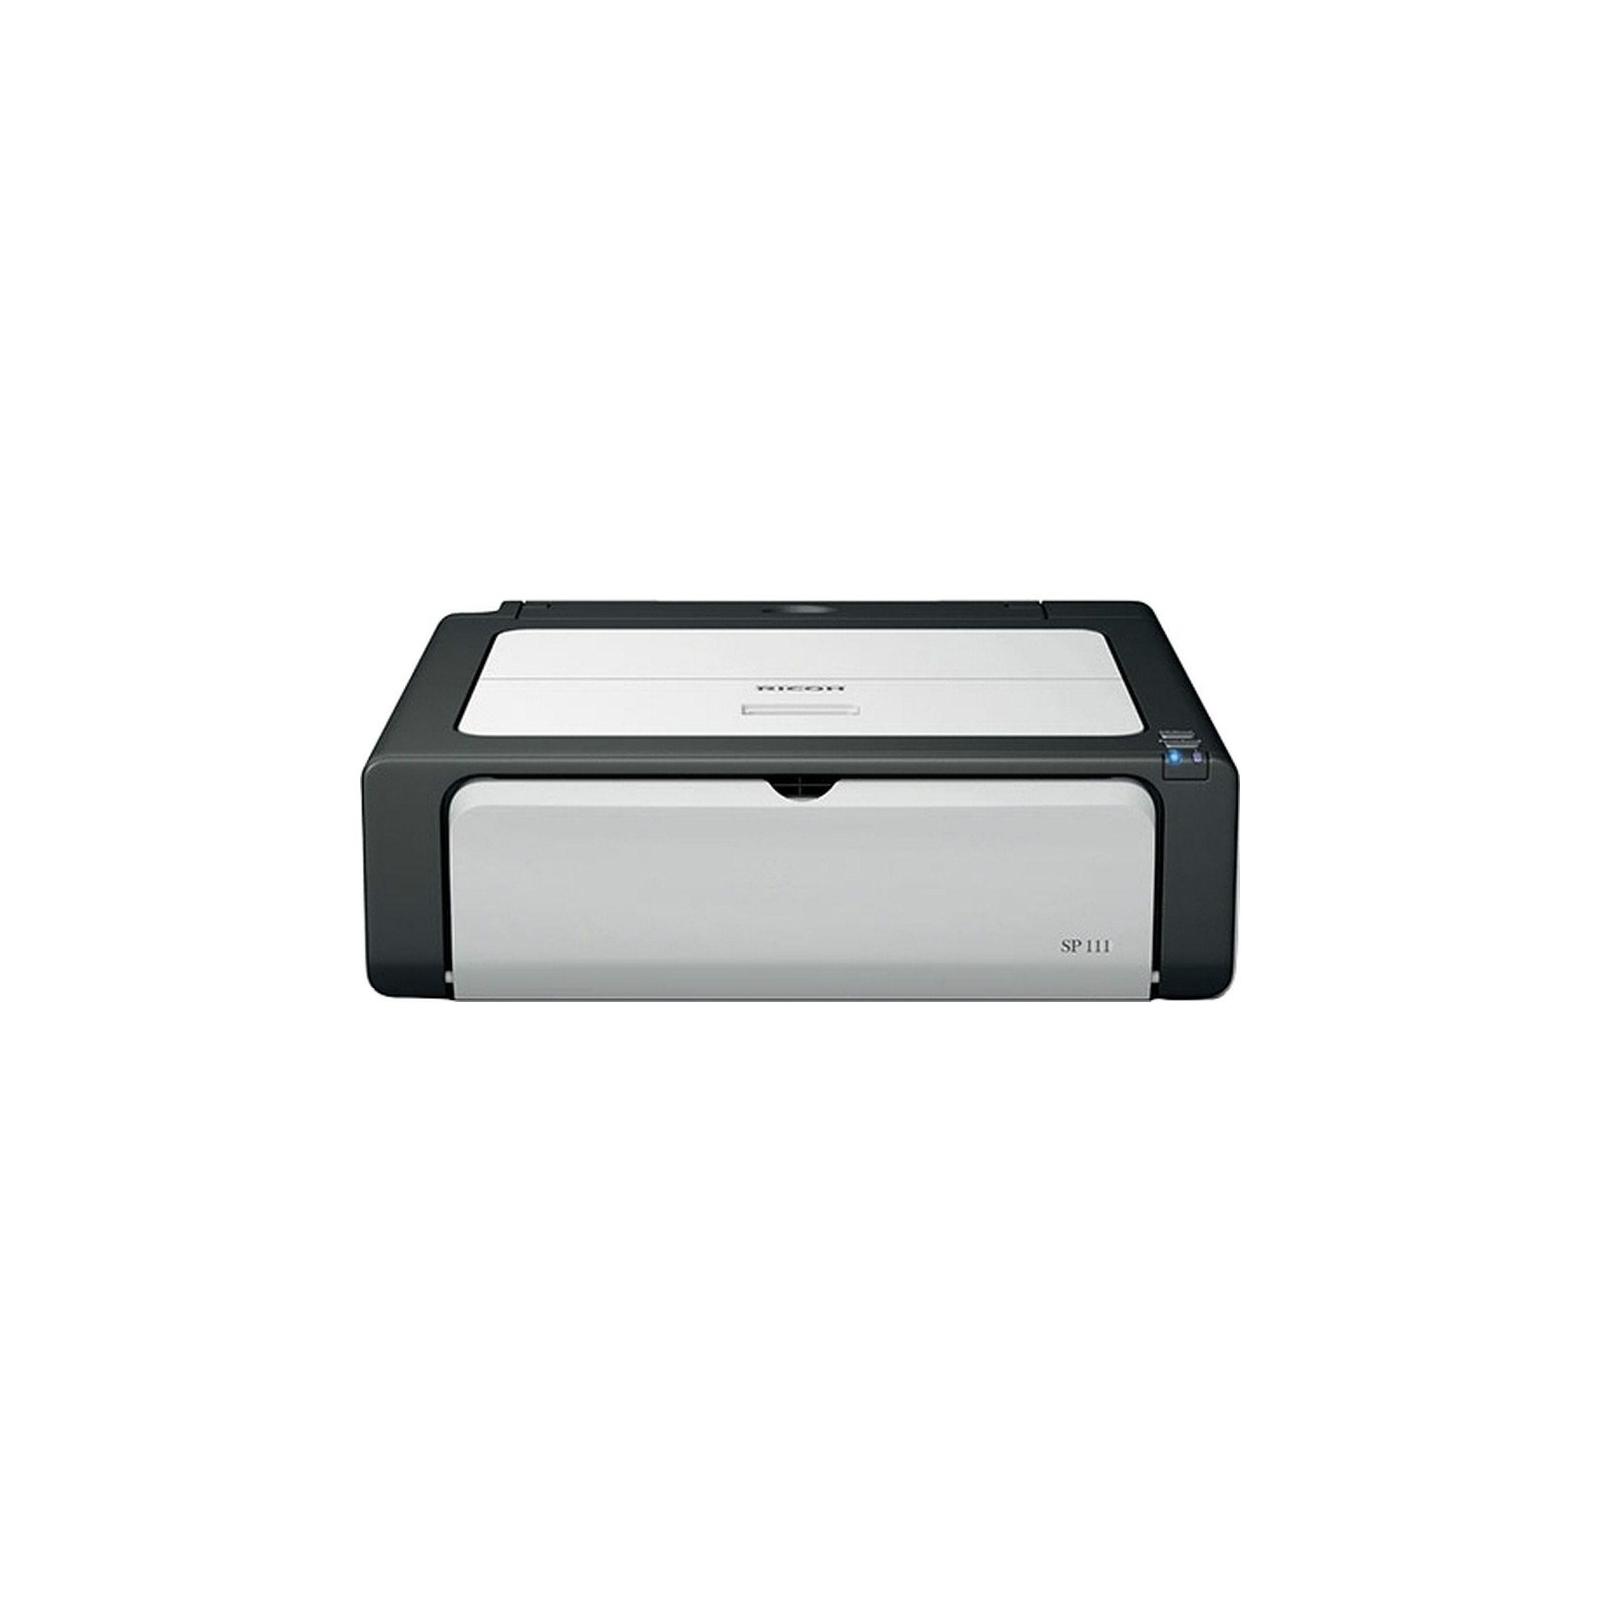 Лазерный принтер Ricoh SP111 (407415)